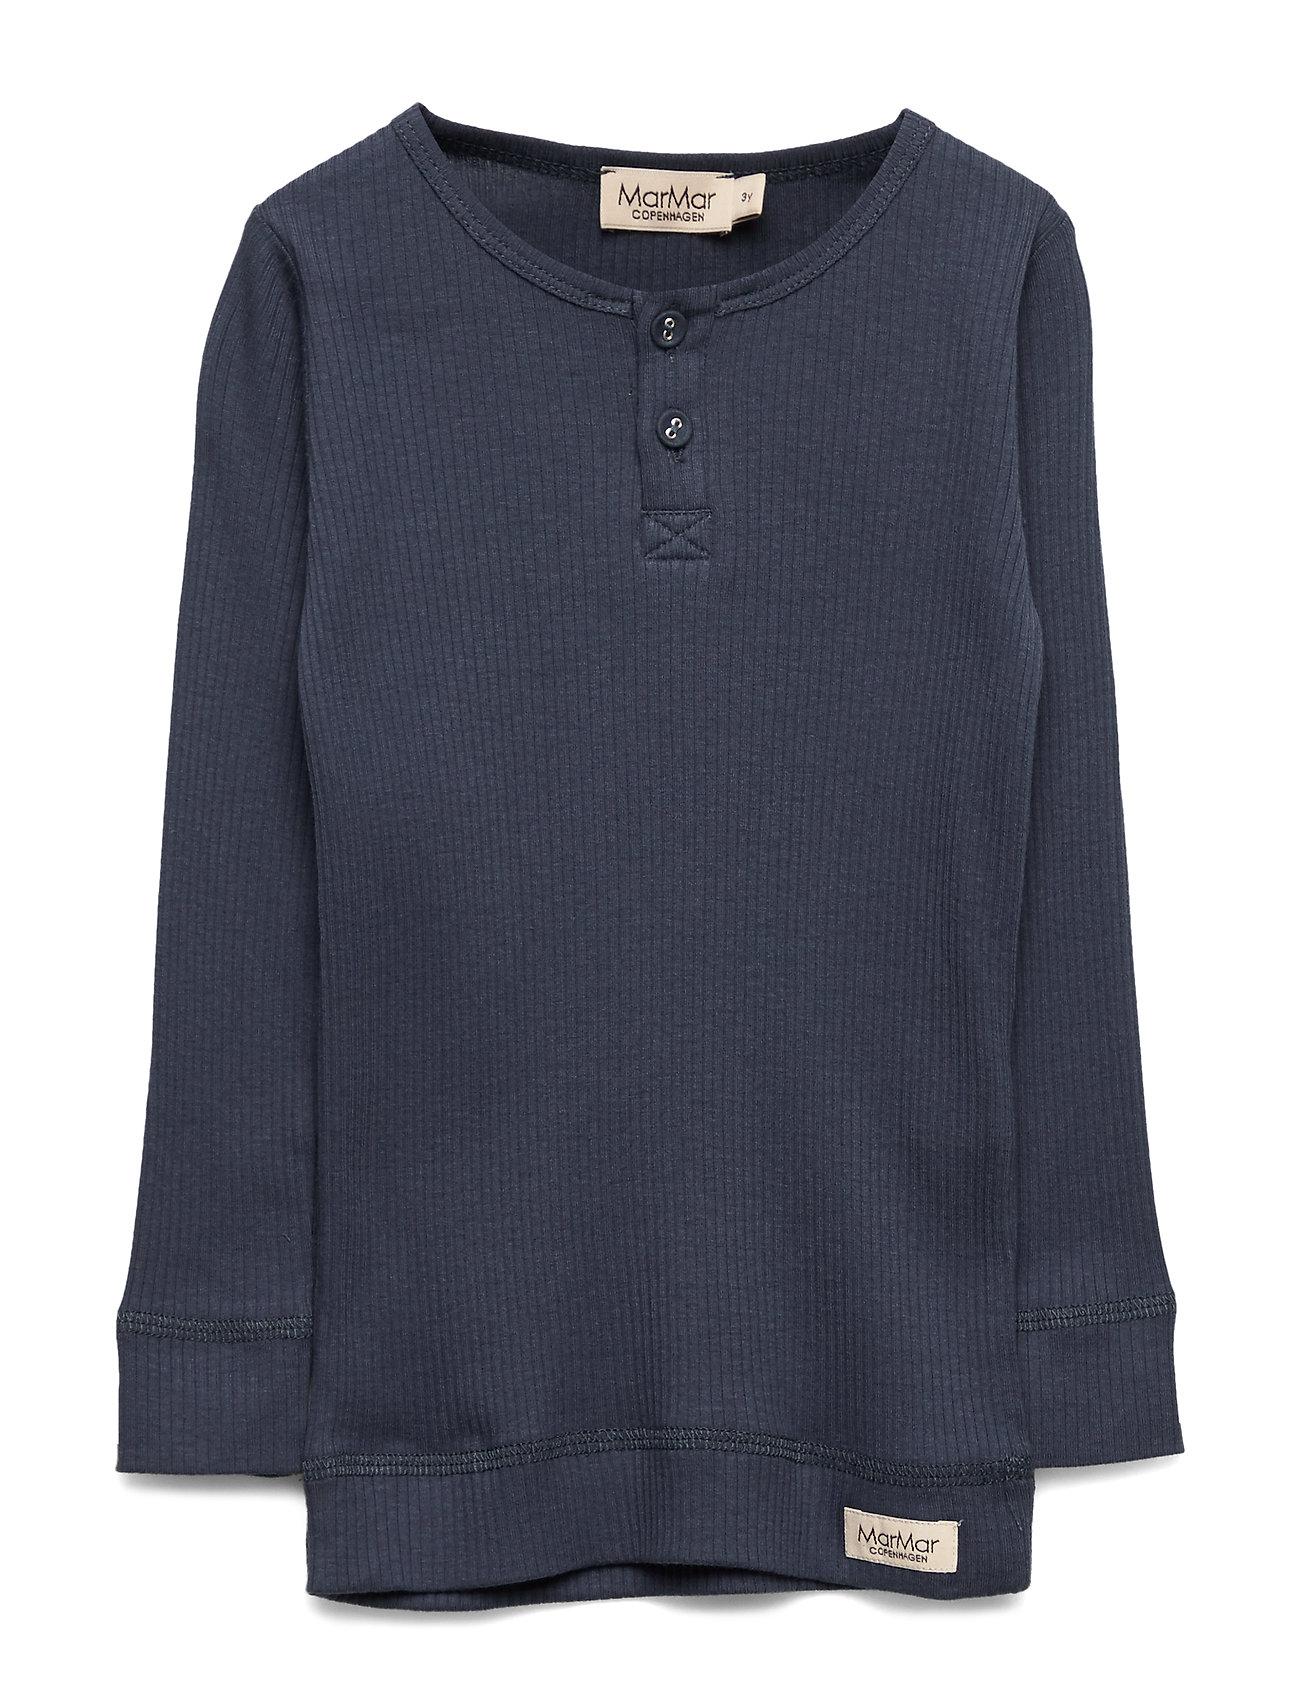 Image of Tee Ls Langærmet T-shirt Blå MarMar Cph (2382585511)